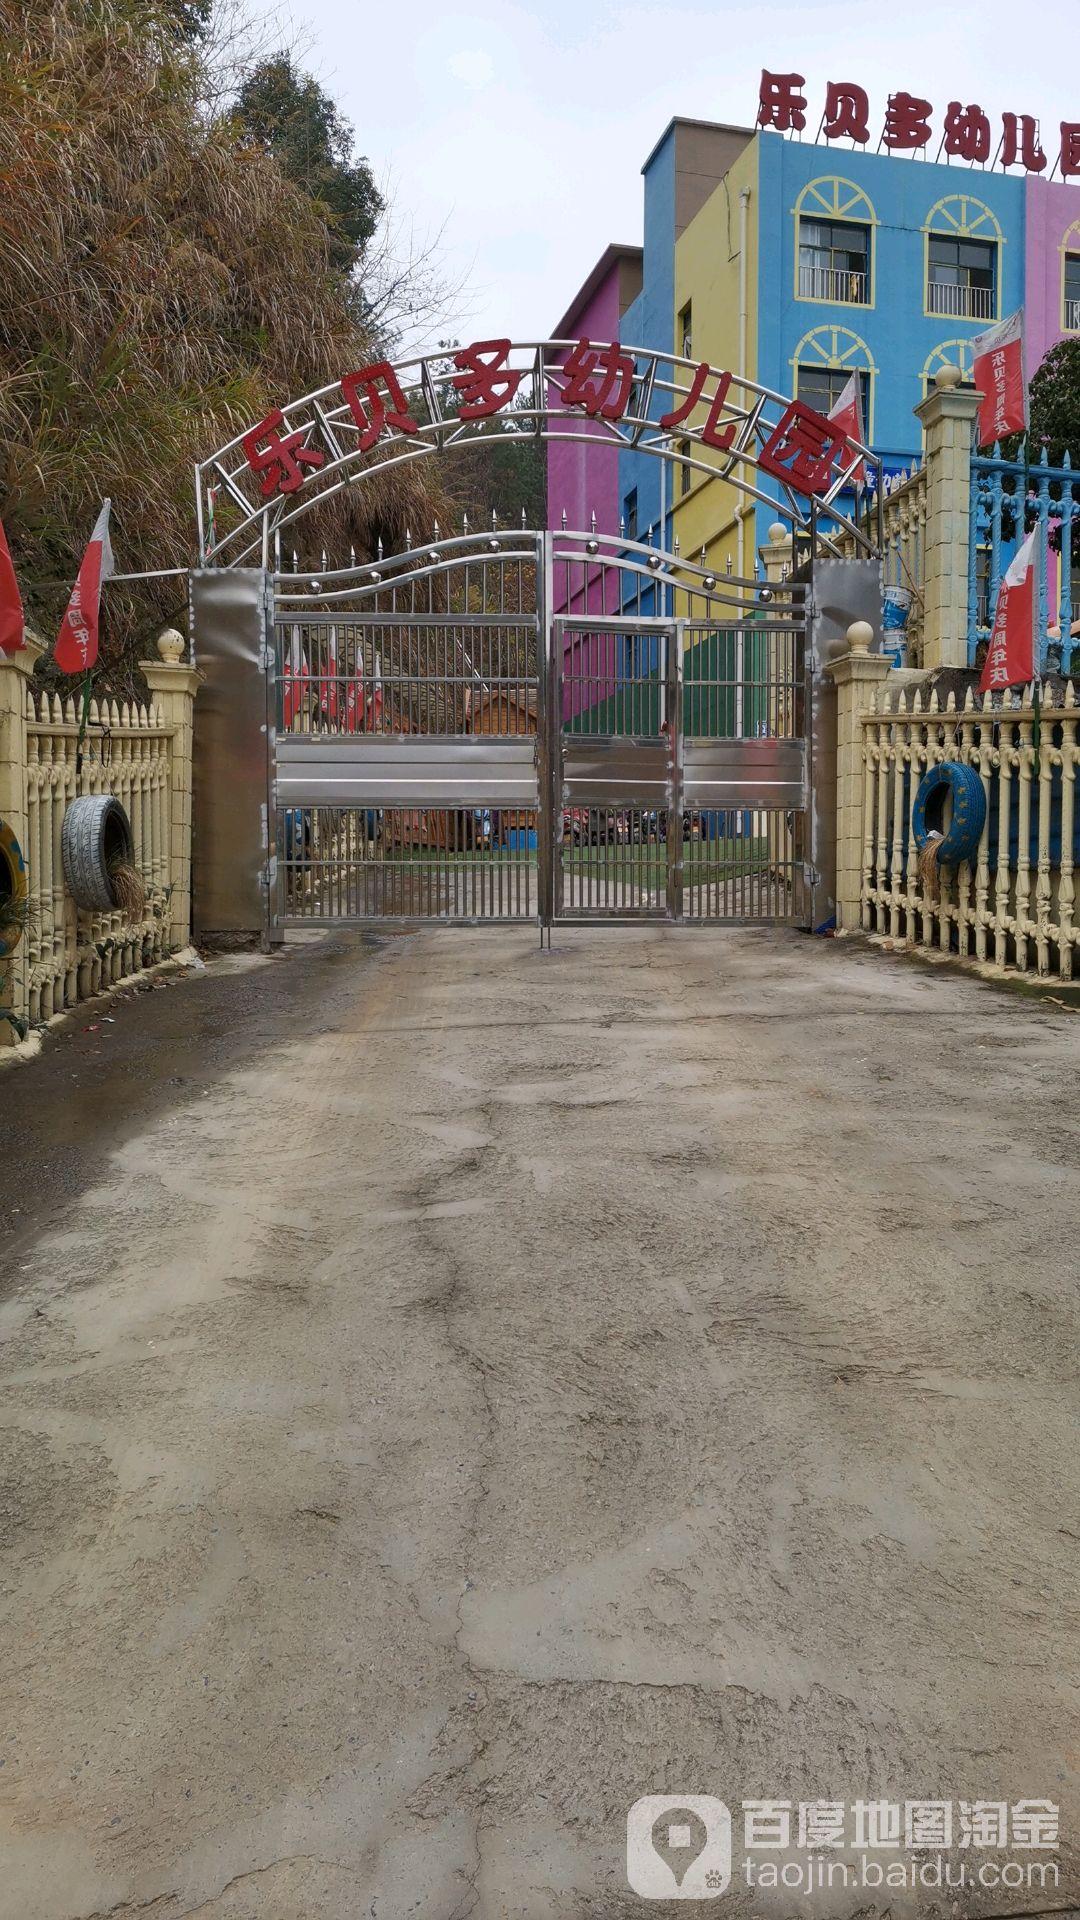 乐贝多幼儿园